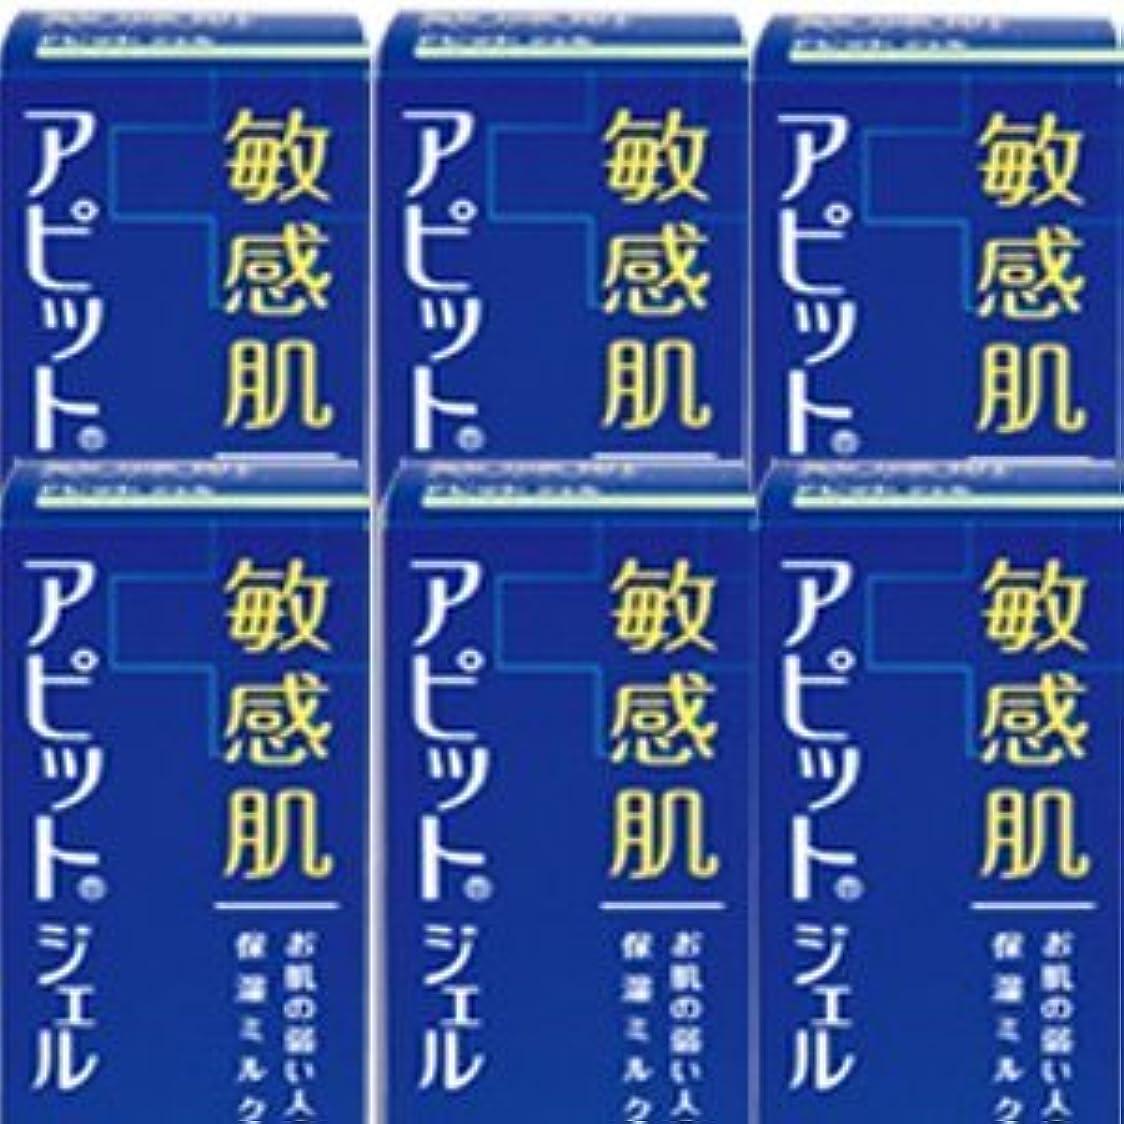 ドラフトアンビエント受ける【6個】全薬工業 アピットジェルS 120mlx6個セット (4987305034625)